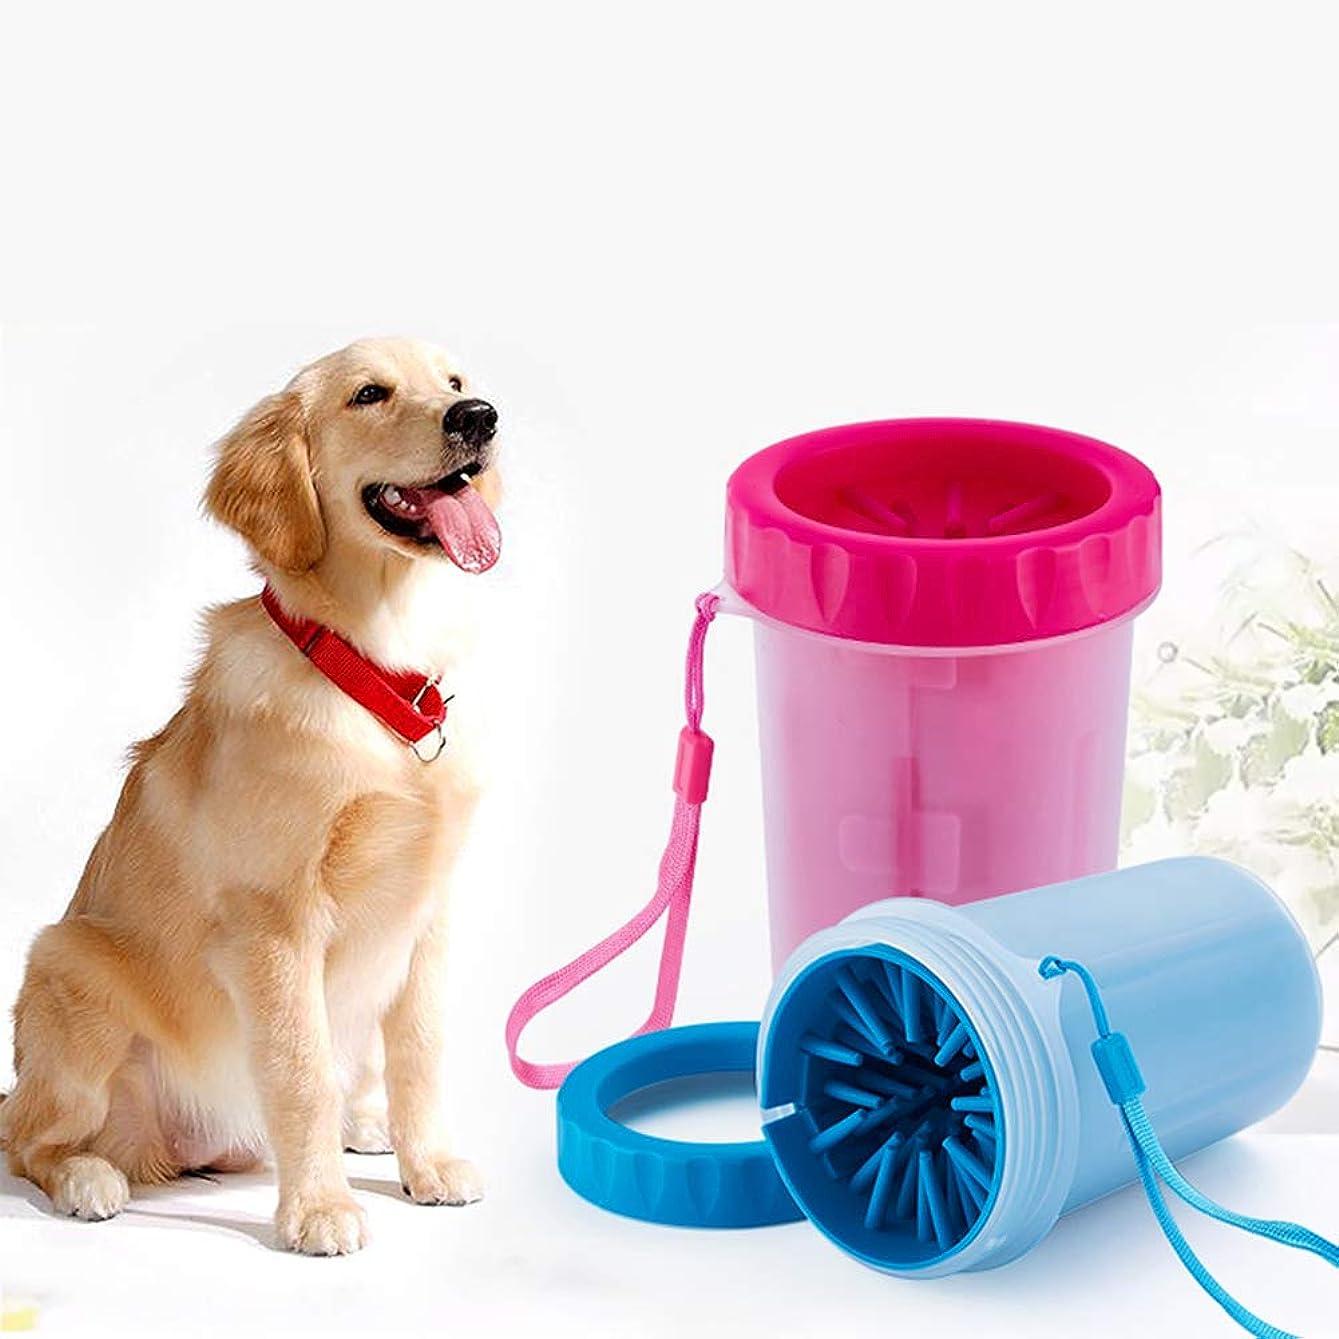 福祉ランダム研磨犬 足洗い ブラシカップ 犬用品 犬足ブラシ ペット足洗い ブラシカップ ペット用品 足洗いカップ 足クリーナー マッサージクリーナー  洗浄カップ 犬 猫   小型犬 中型犬 大型犬 2色(S/L) ピンク L